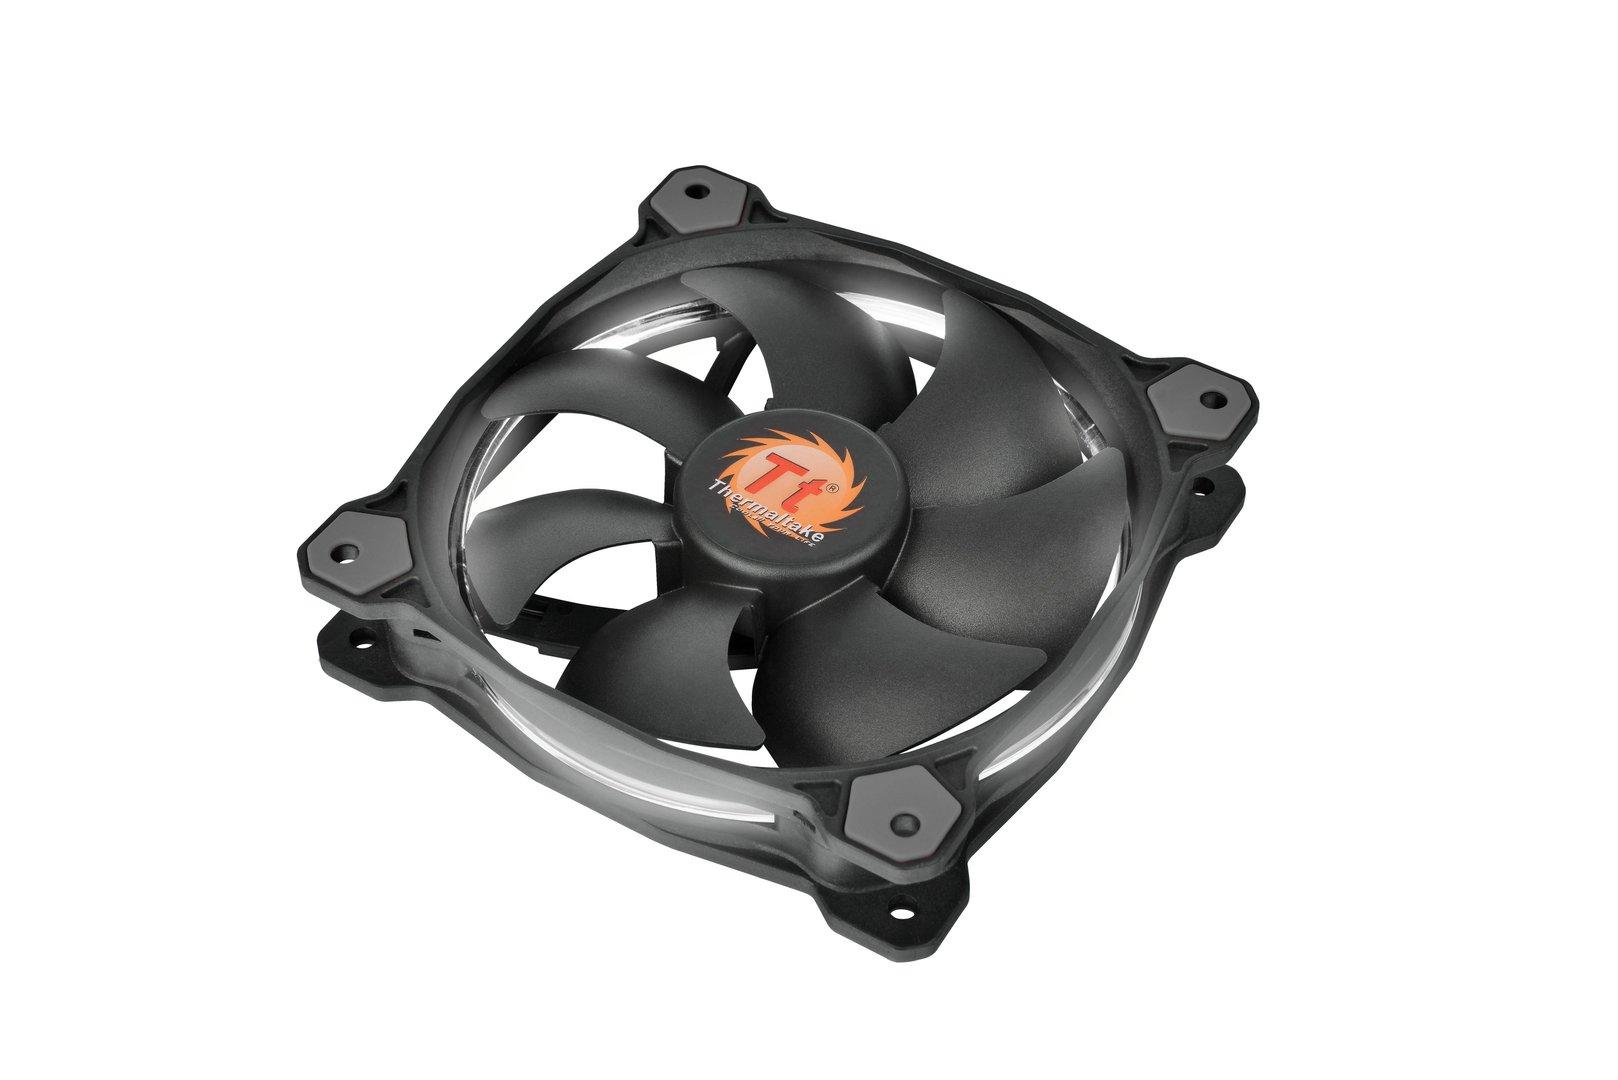 Thermaltake Riing LED Radiator Fan